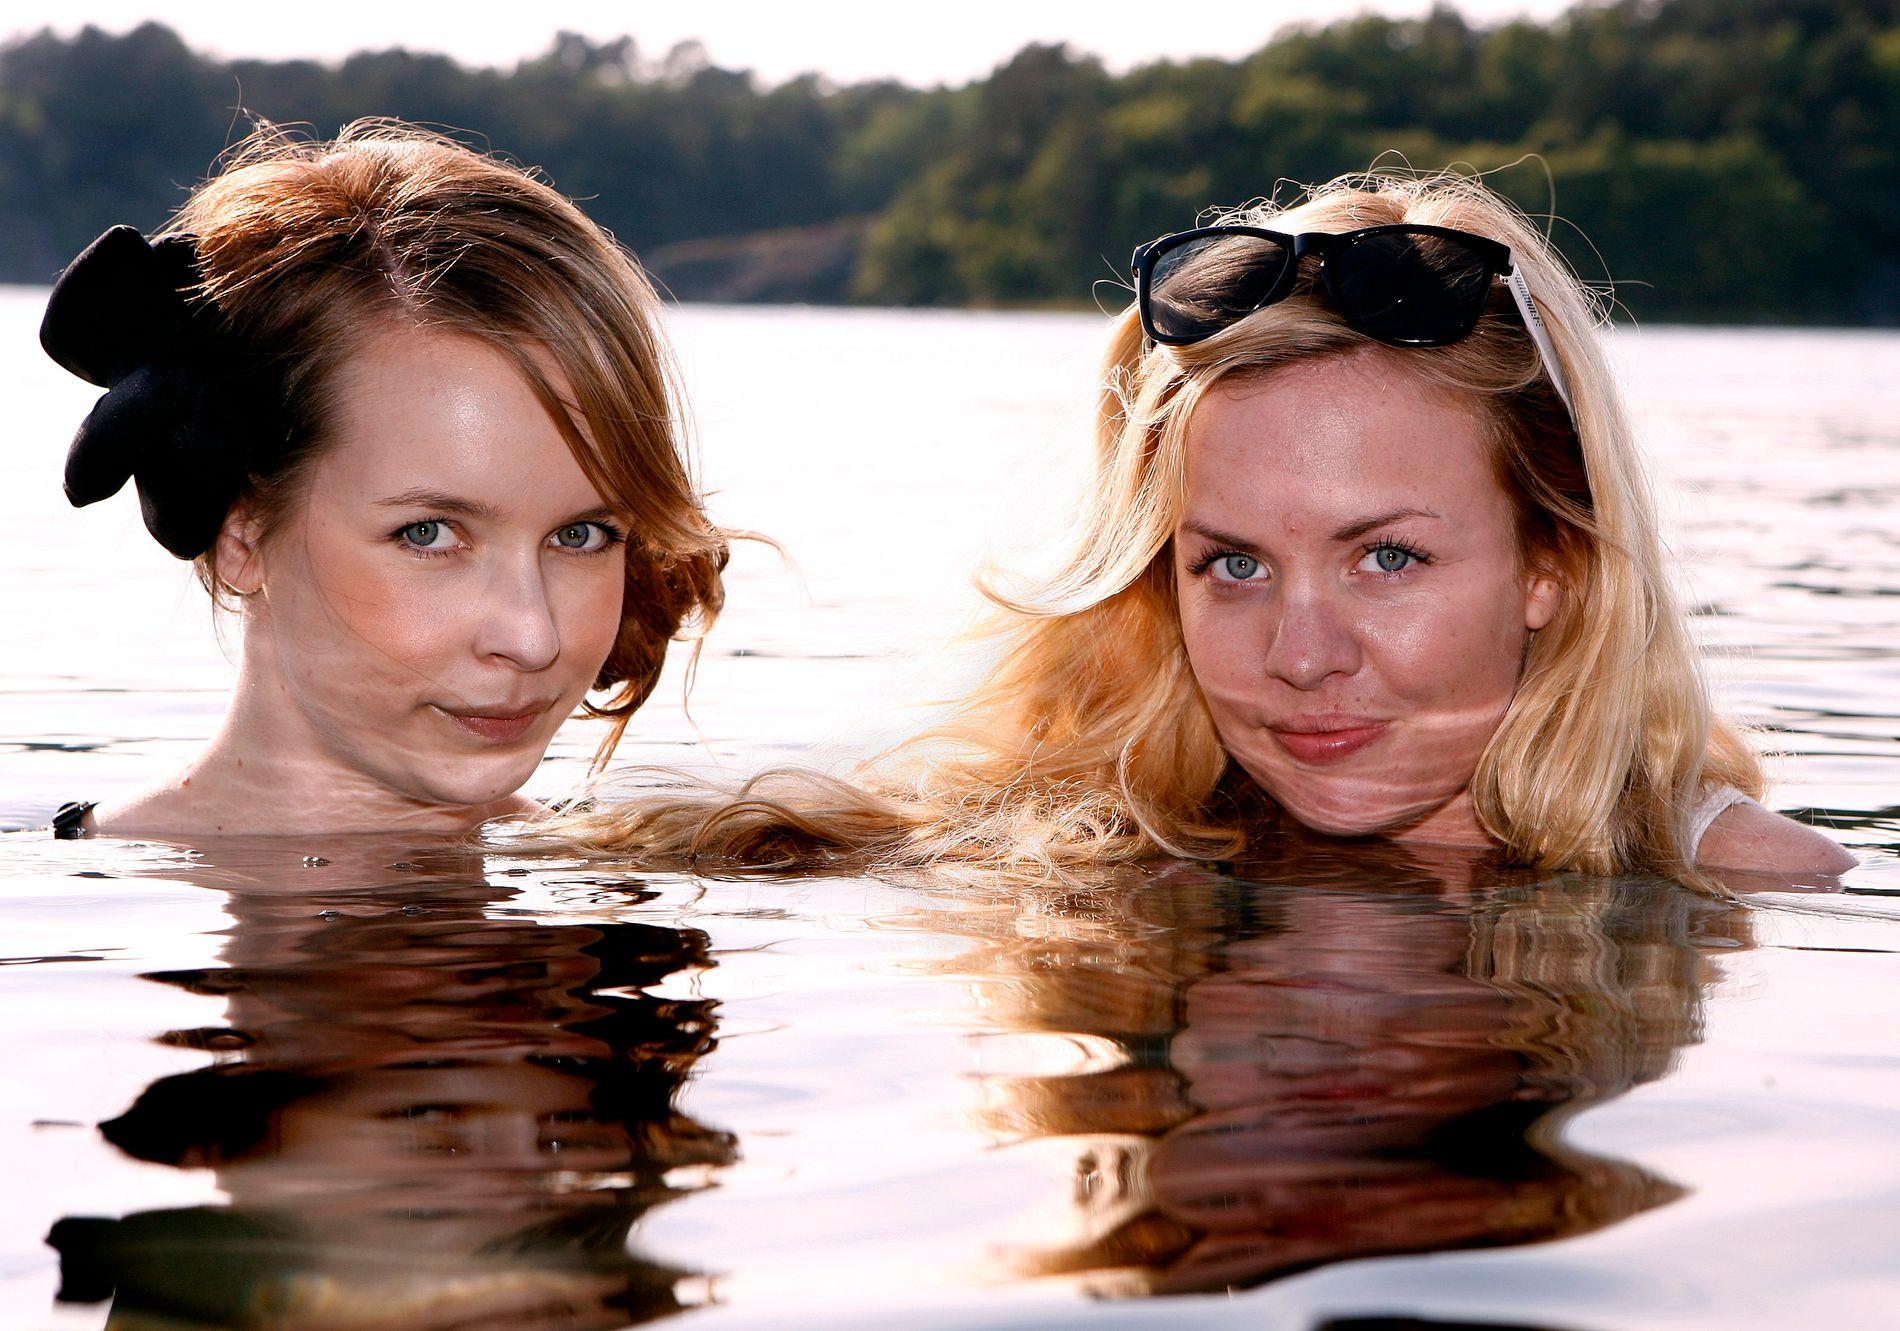 SLUTT PÅ SAMARBEID: Christine Dancke (t.v) skal ikke samarbeide mer med PR- og managementet Little Big Sister, som driver av Silje Larsen Borgan (t.h). Her avbildet under Hovefestivalen i 2010 hvor de spilte sammen som DJer.